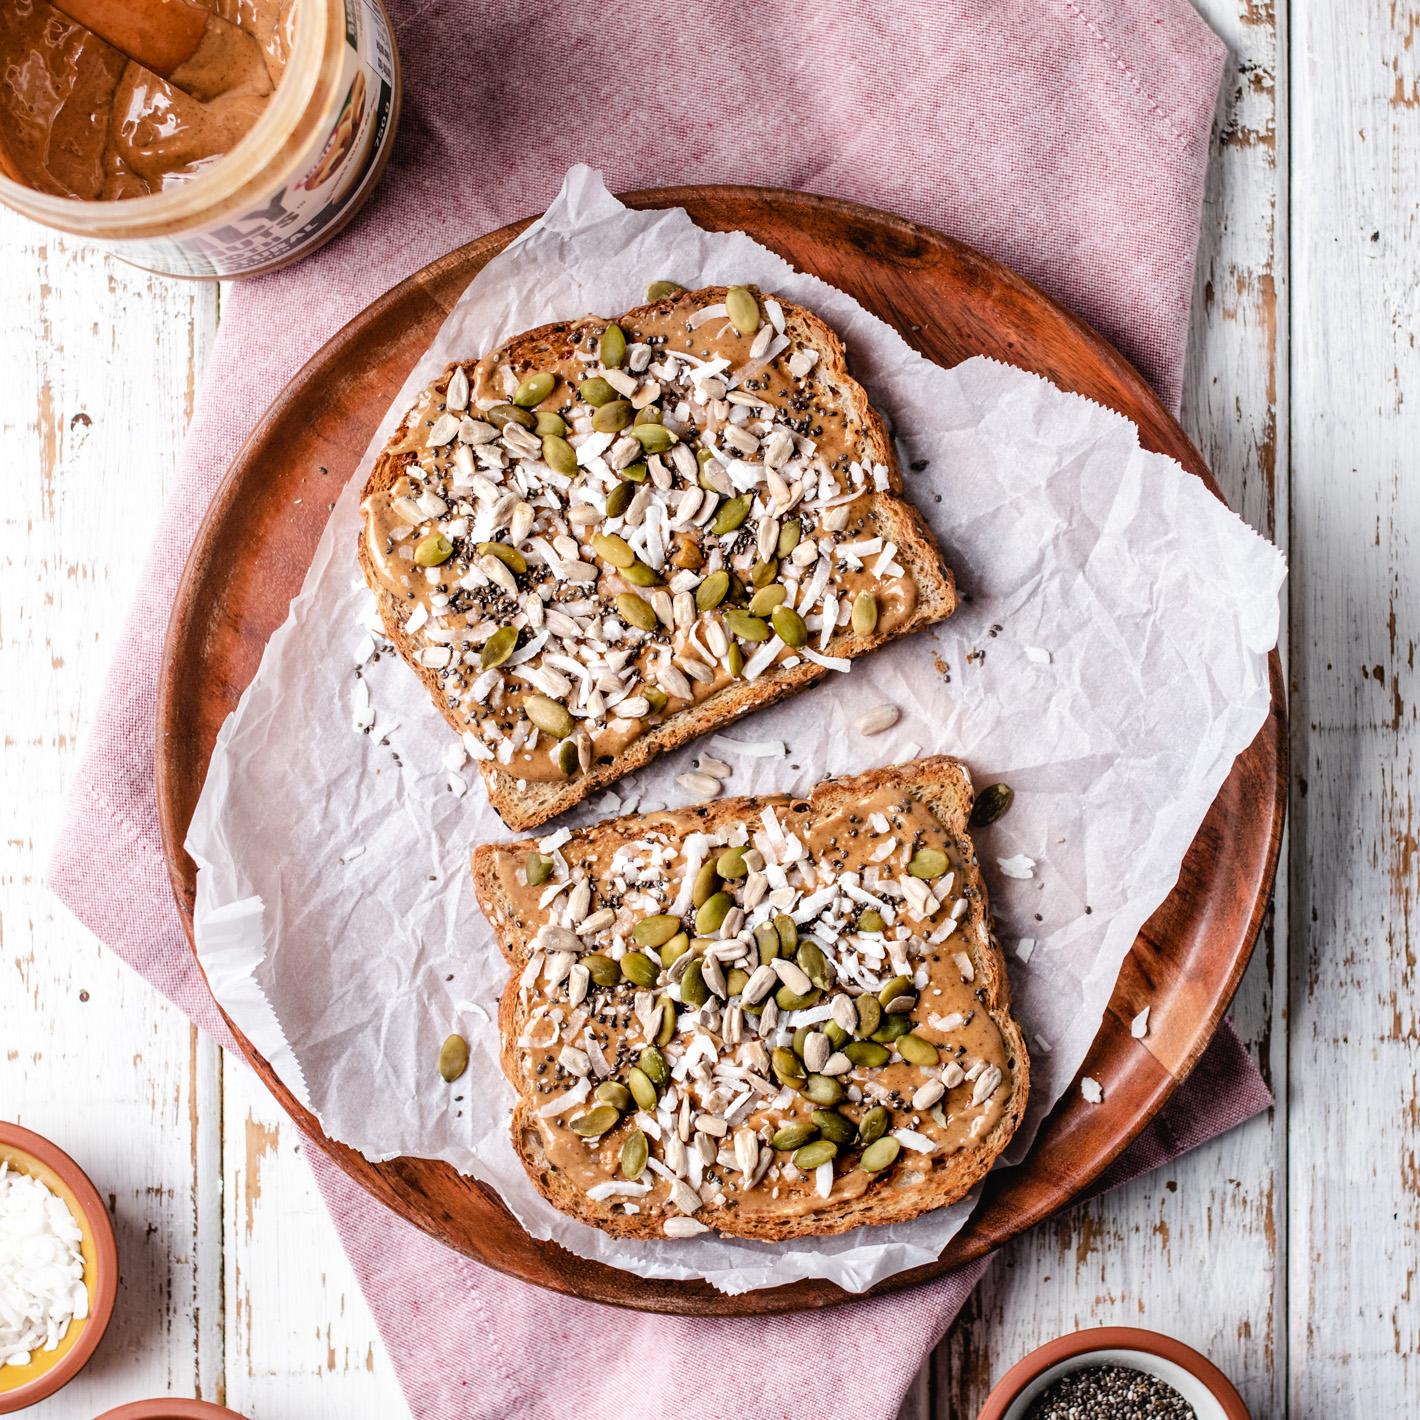 Coconut Peanut Butter Toast